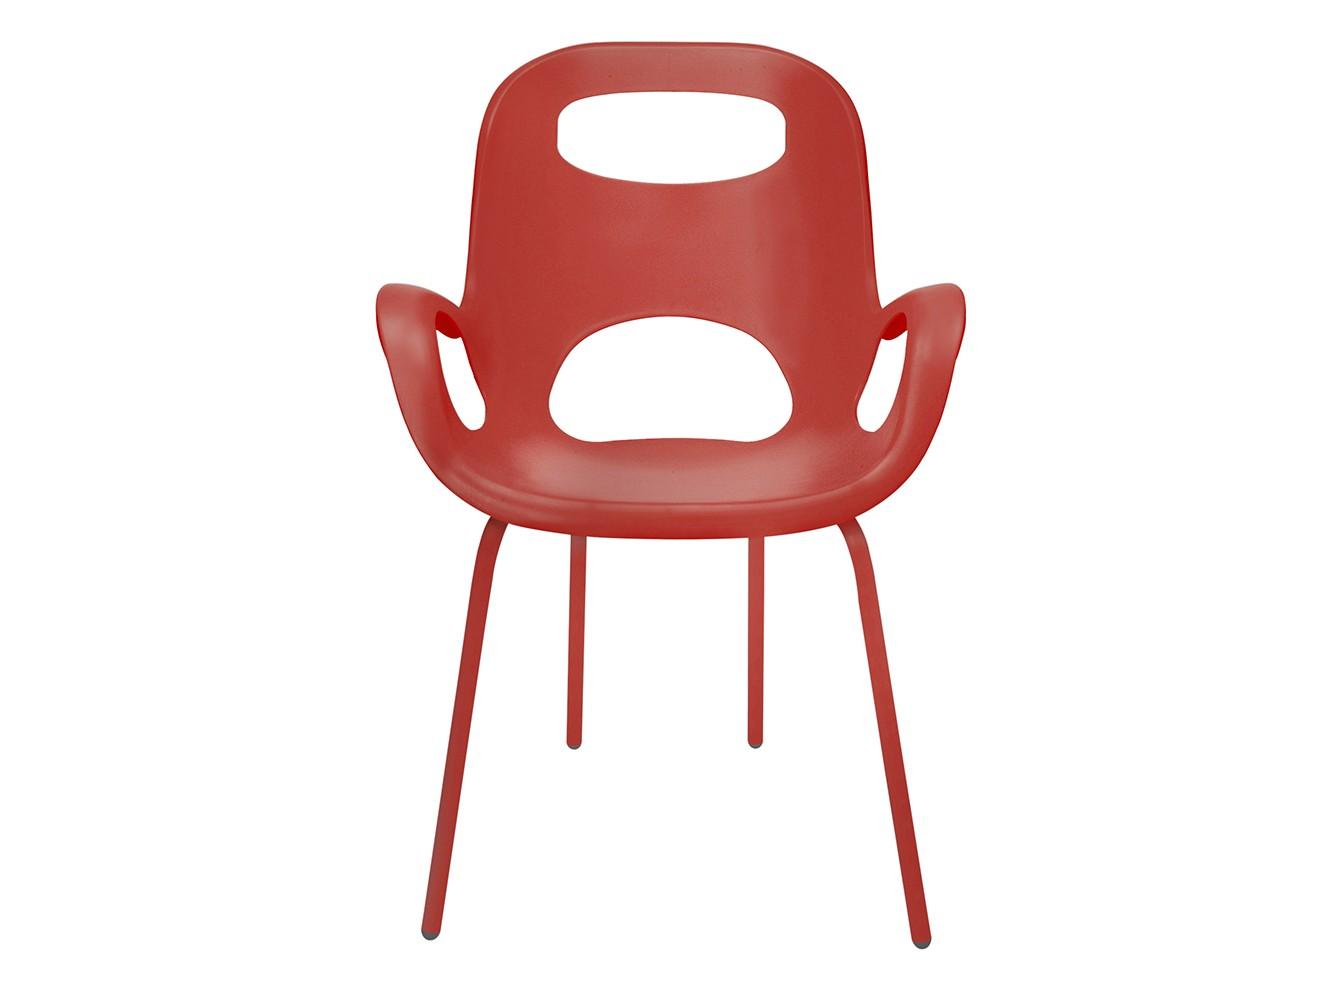 Стул Oh chairСтулья с подлокотниками<br>Новый цвет в серии знаменитых стульев от Карима Рашида — признанного гения промышленного дизайна. Выполнен в стиле, сочетающем черты классики и ретро-шика.<br>Сиденье из прочного полипропилена со специальным матовым покрытием  выдерживает до 136 кг. Ножки оснащены на концах нейлоновыми протекторами, которые защищают пол от царапин. Эргономичный дизайн обеспечивает комфорт и поддержку спины.<br><br>Material: Пластик<br>Width см: 64<br>Depth см: 60<br>Height см: 86,5